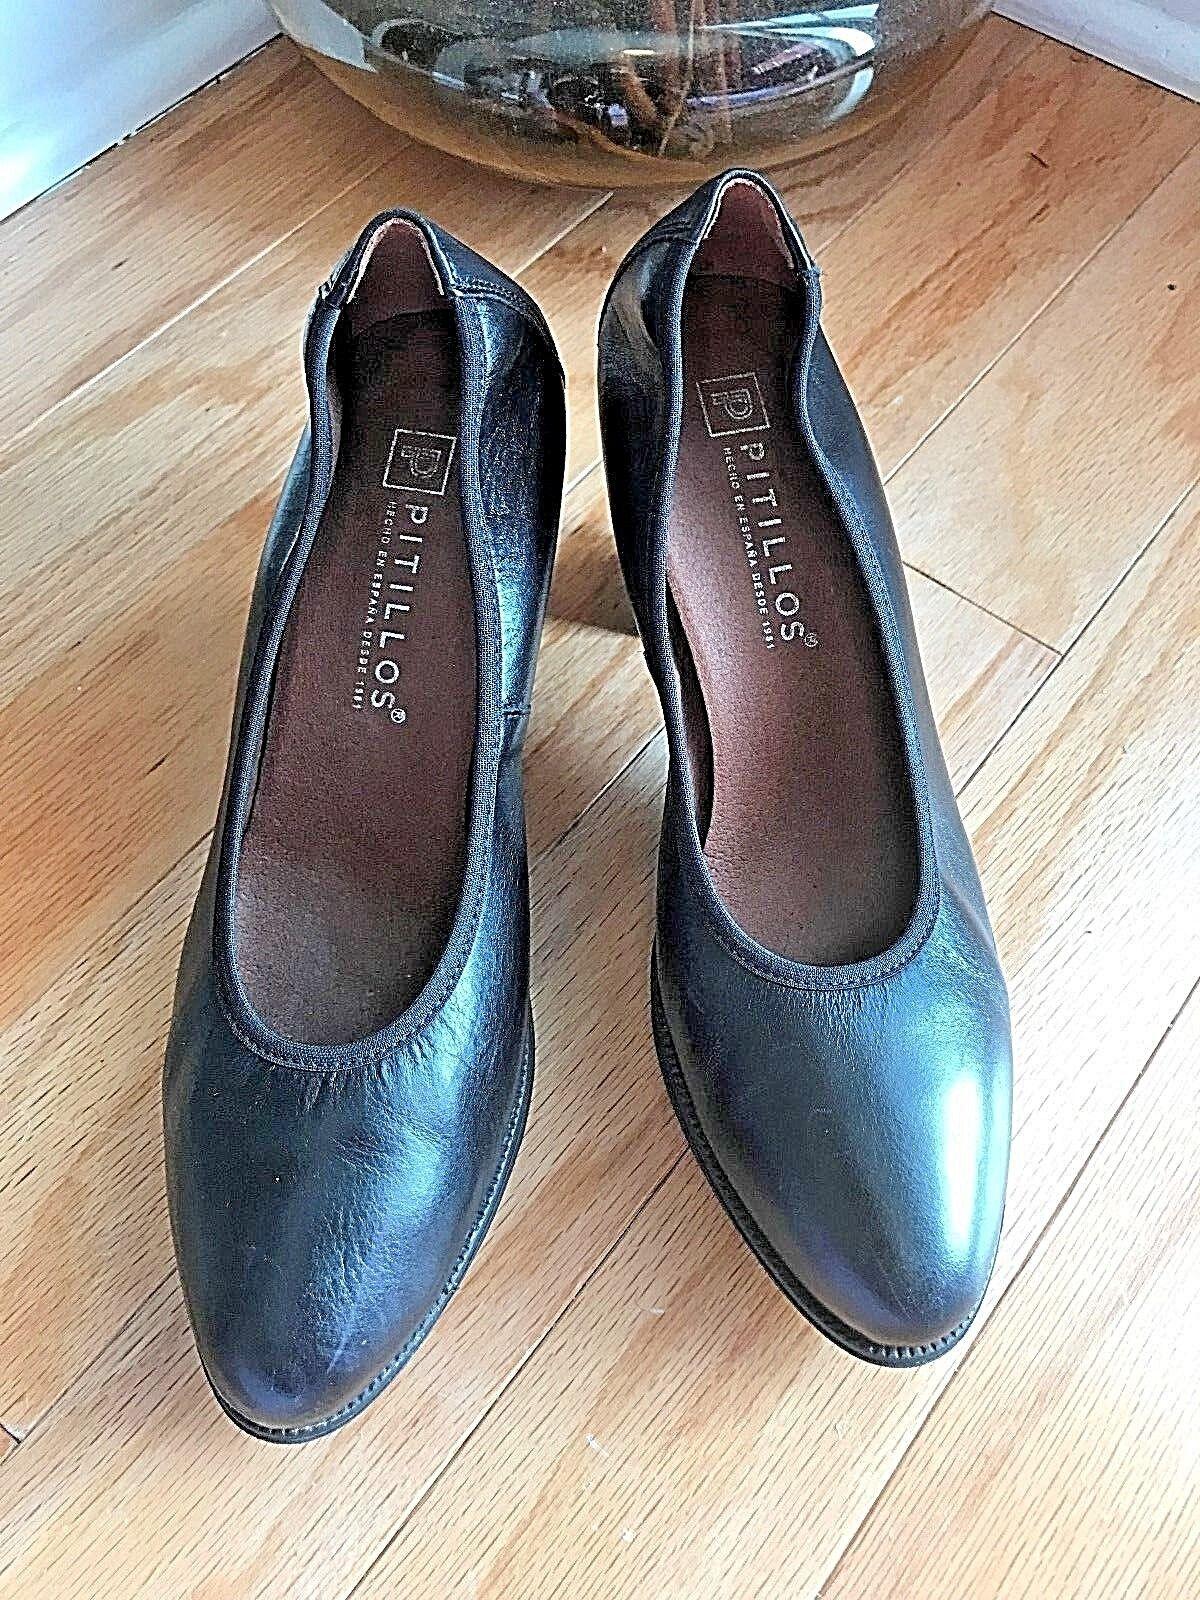 Black Leather Pitillos Pumps Shoes 39 7.5 8